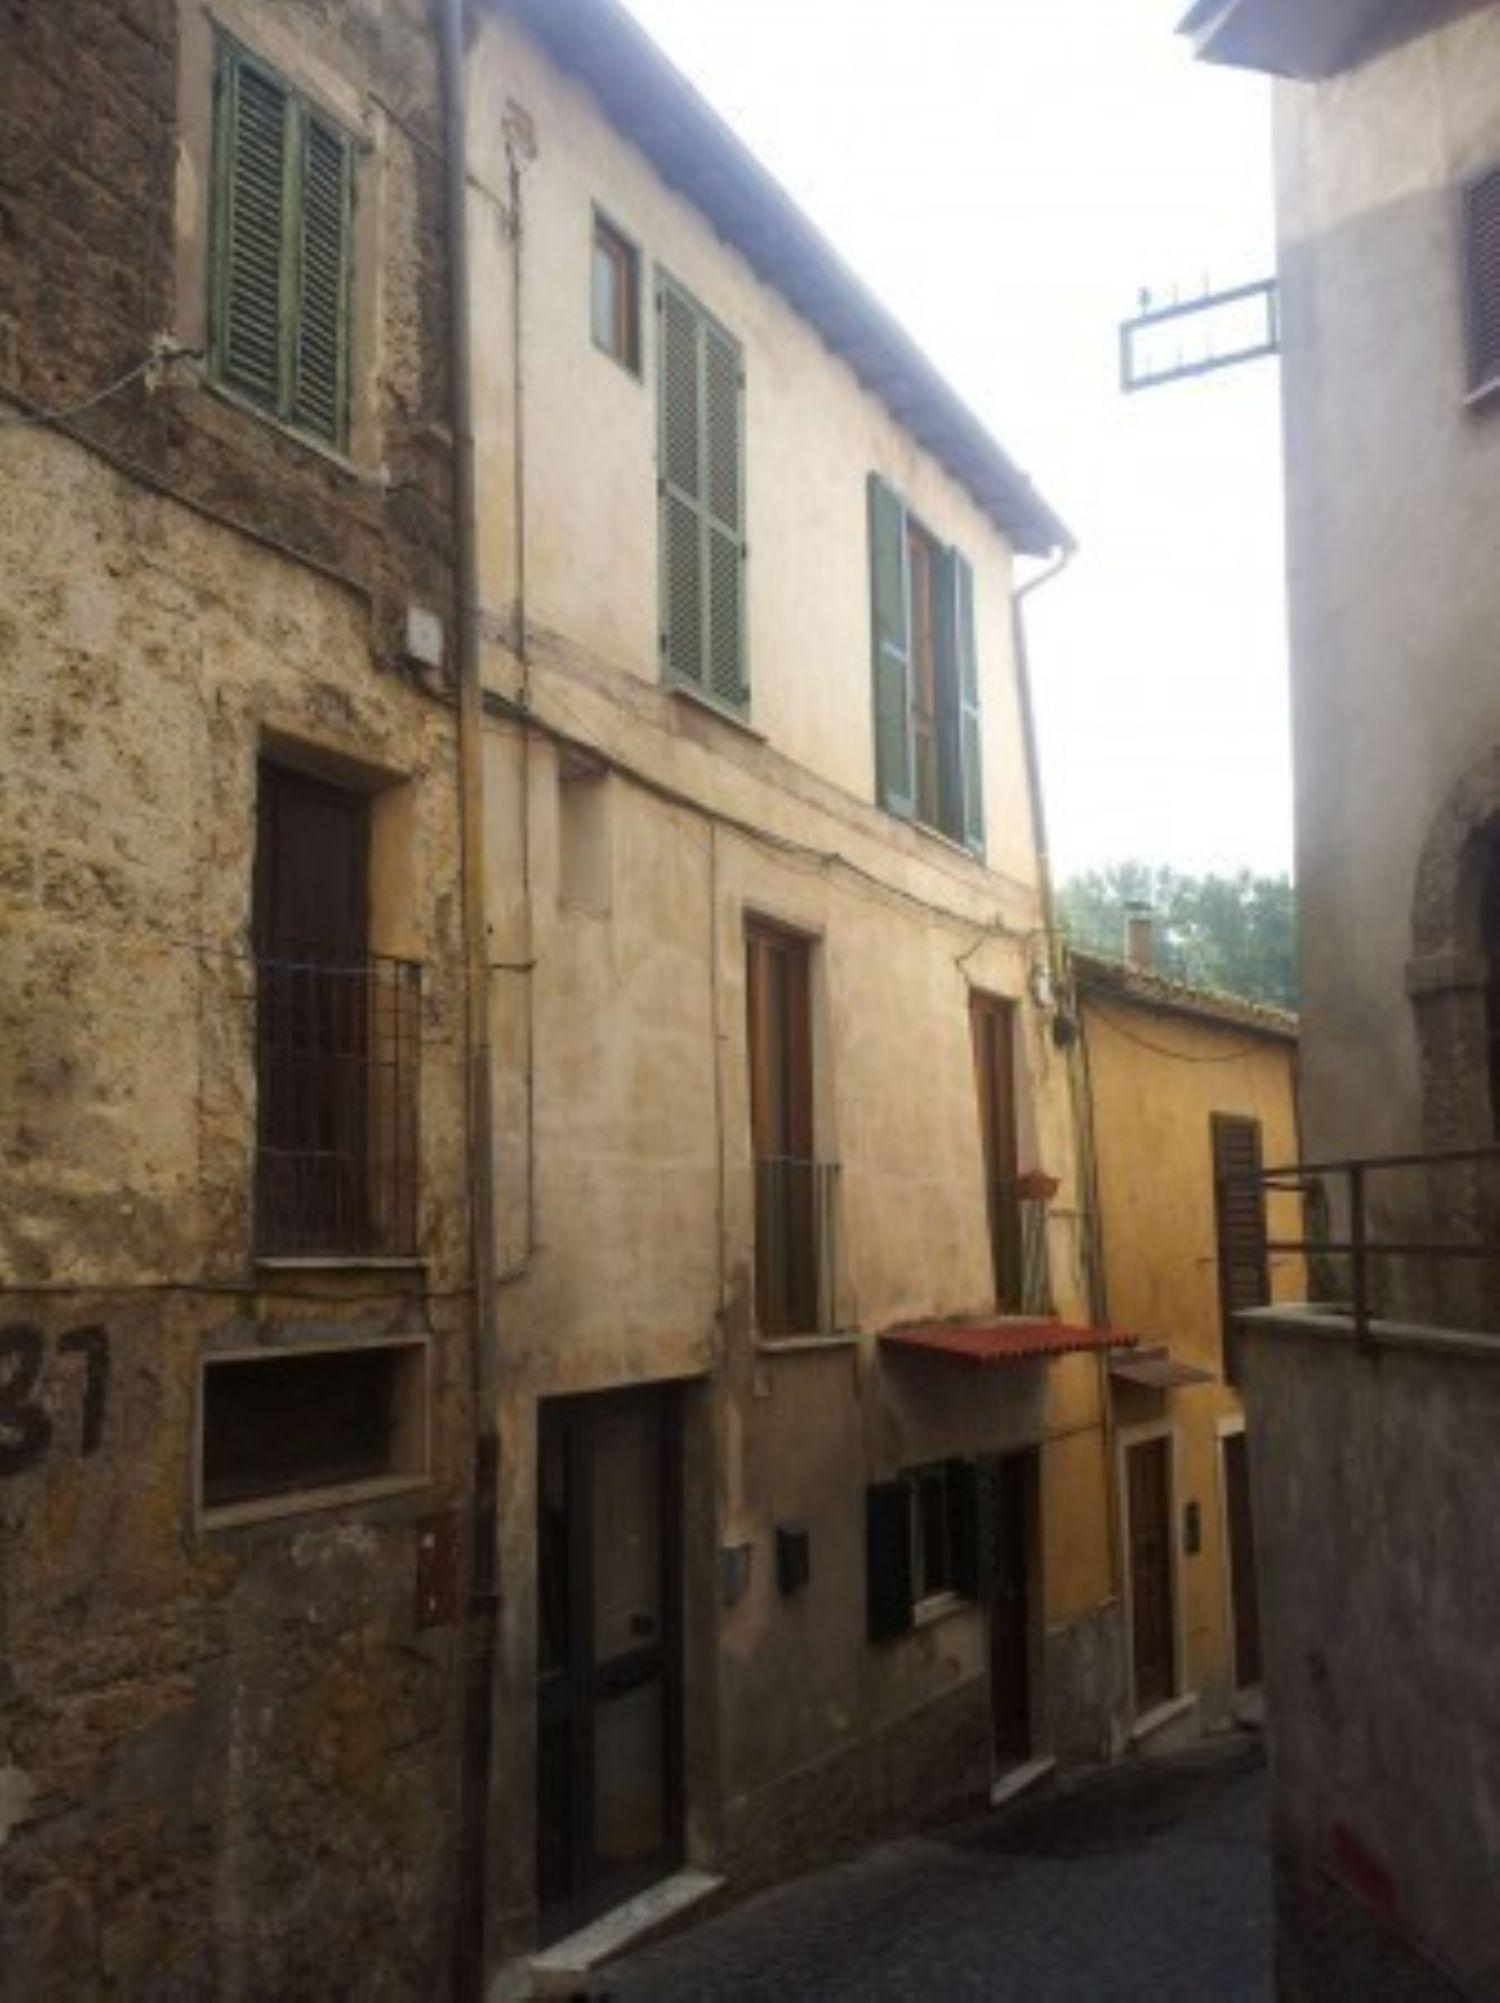 Appartamento in vendita a Subiaco, 4 locali, prezzo € 115.000 | Cambio Casa.it